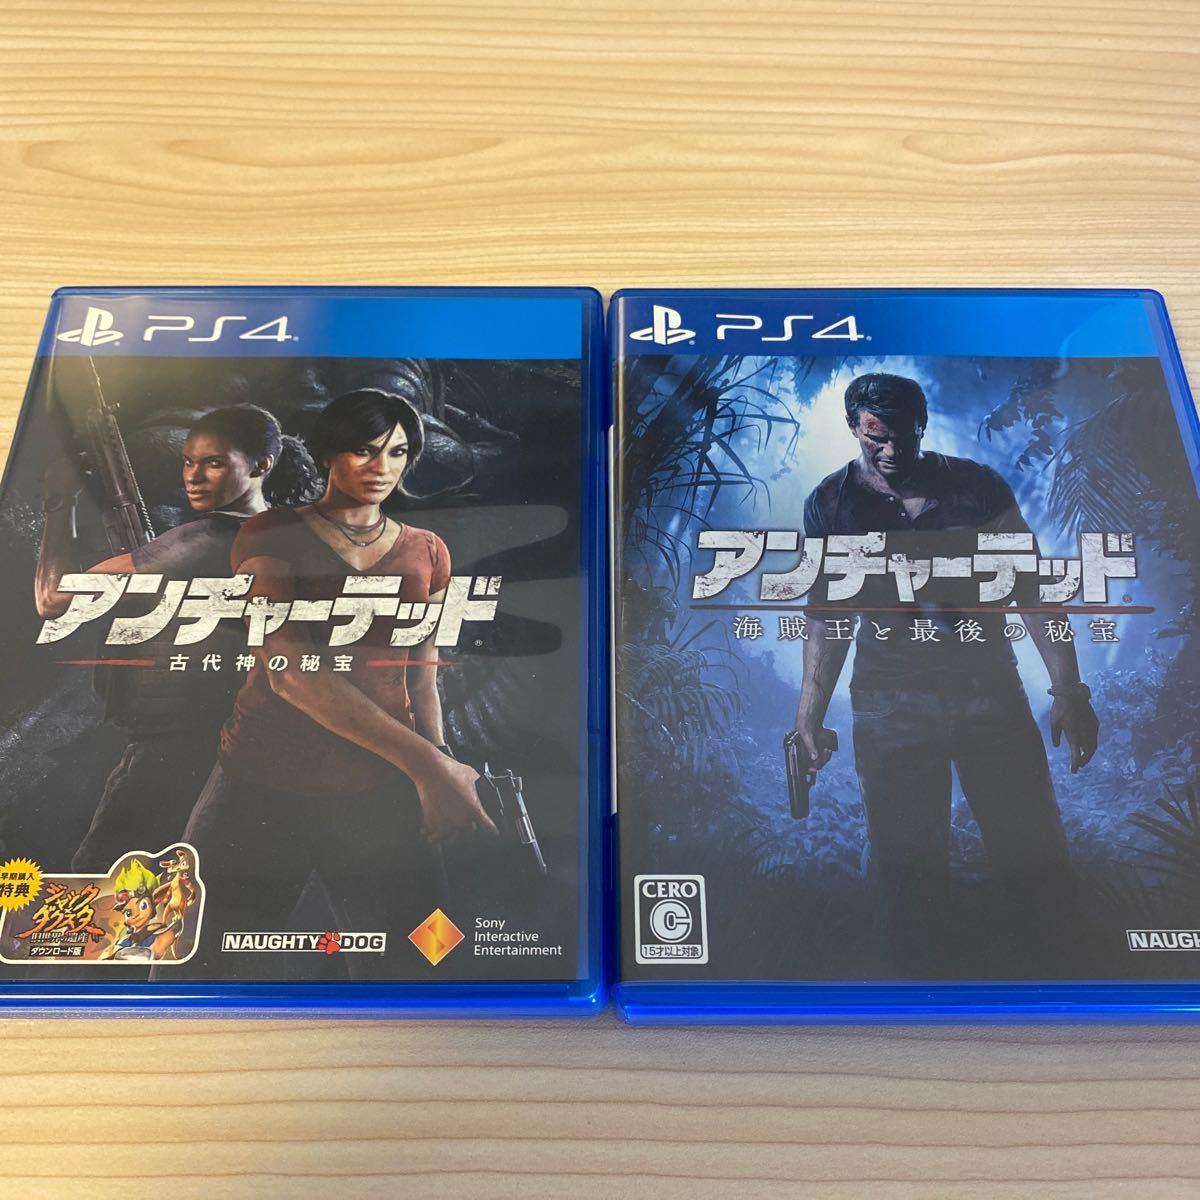 PS4 アンチャーテッド海賊王と最後の秘宝+古代神の秘宝 2本セット